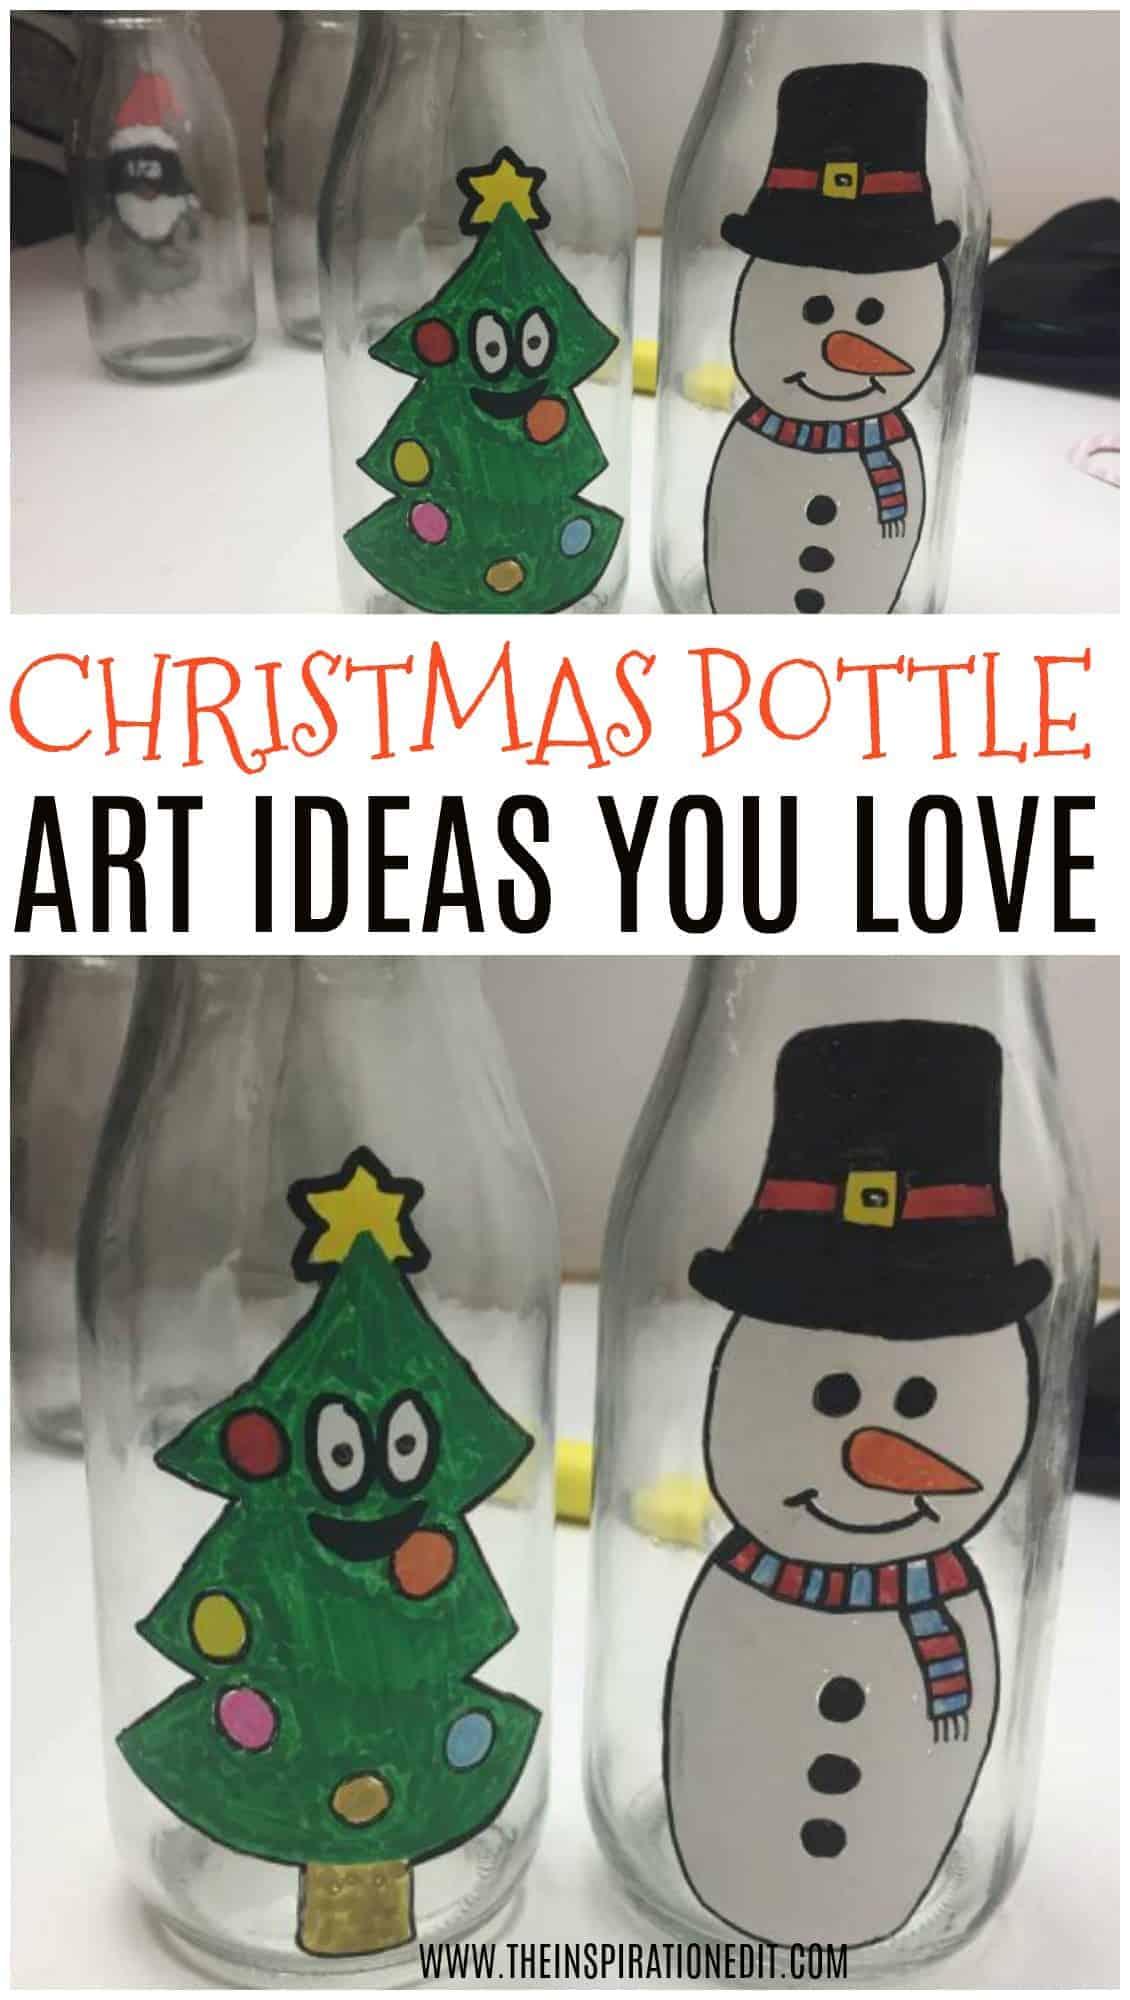 CHRISTMAS BOTTLE ART